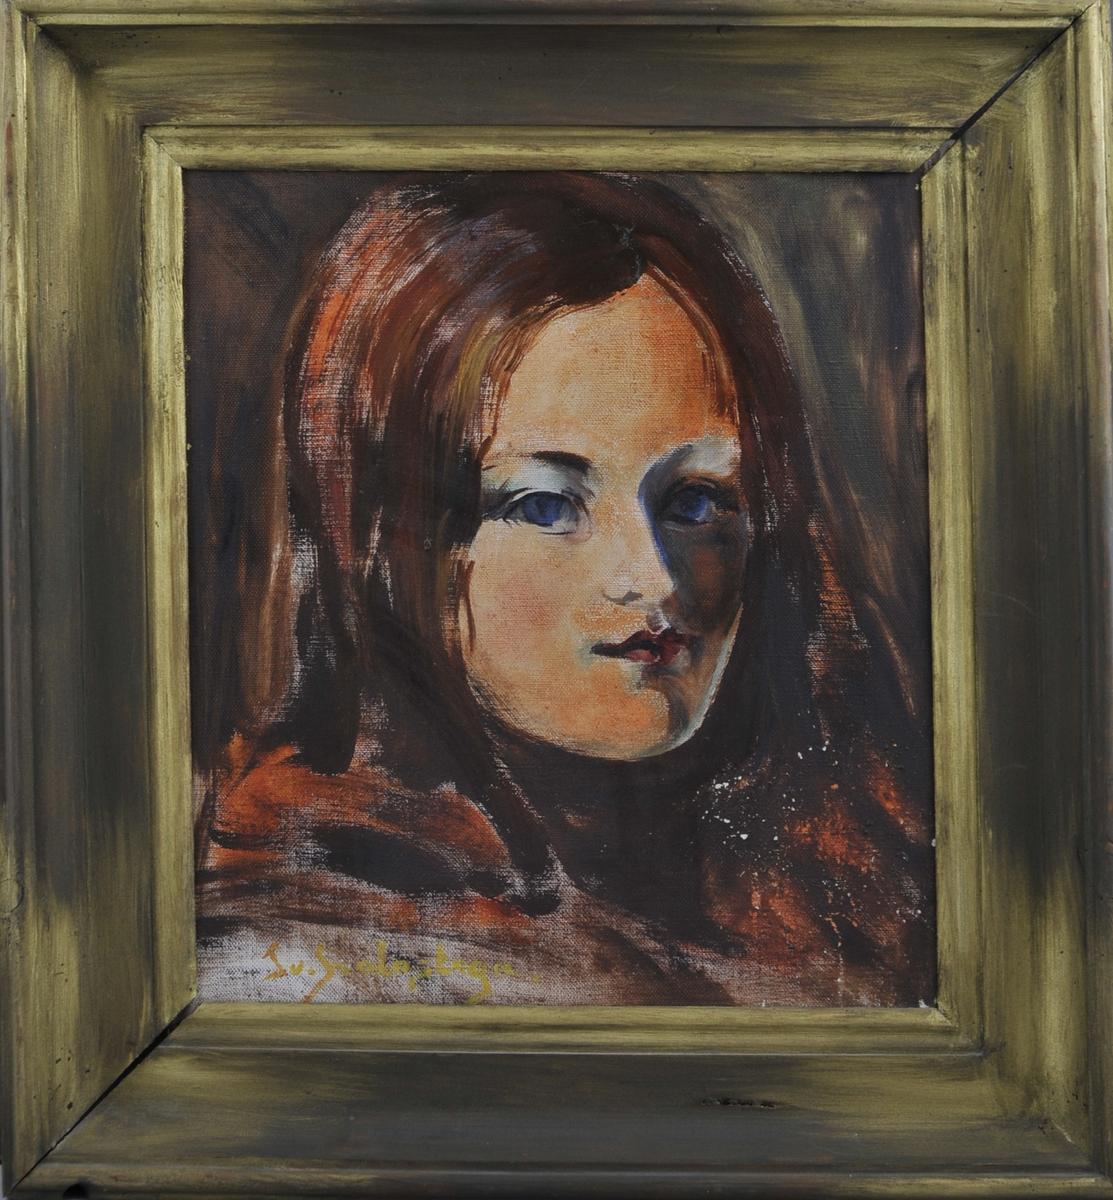 Portrett av ei jente med raud hår og blå augo, mot ein mørk bakgrunn.